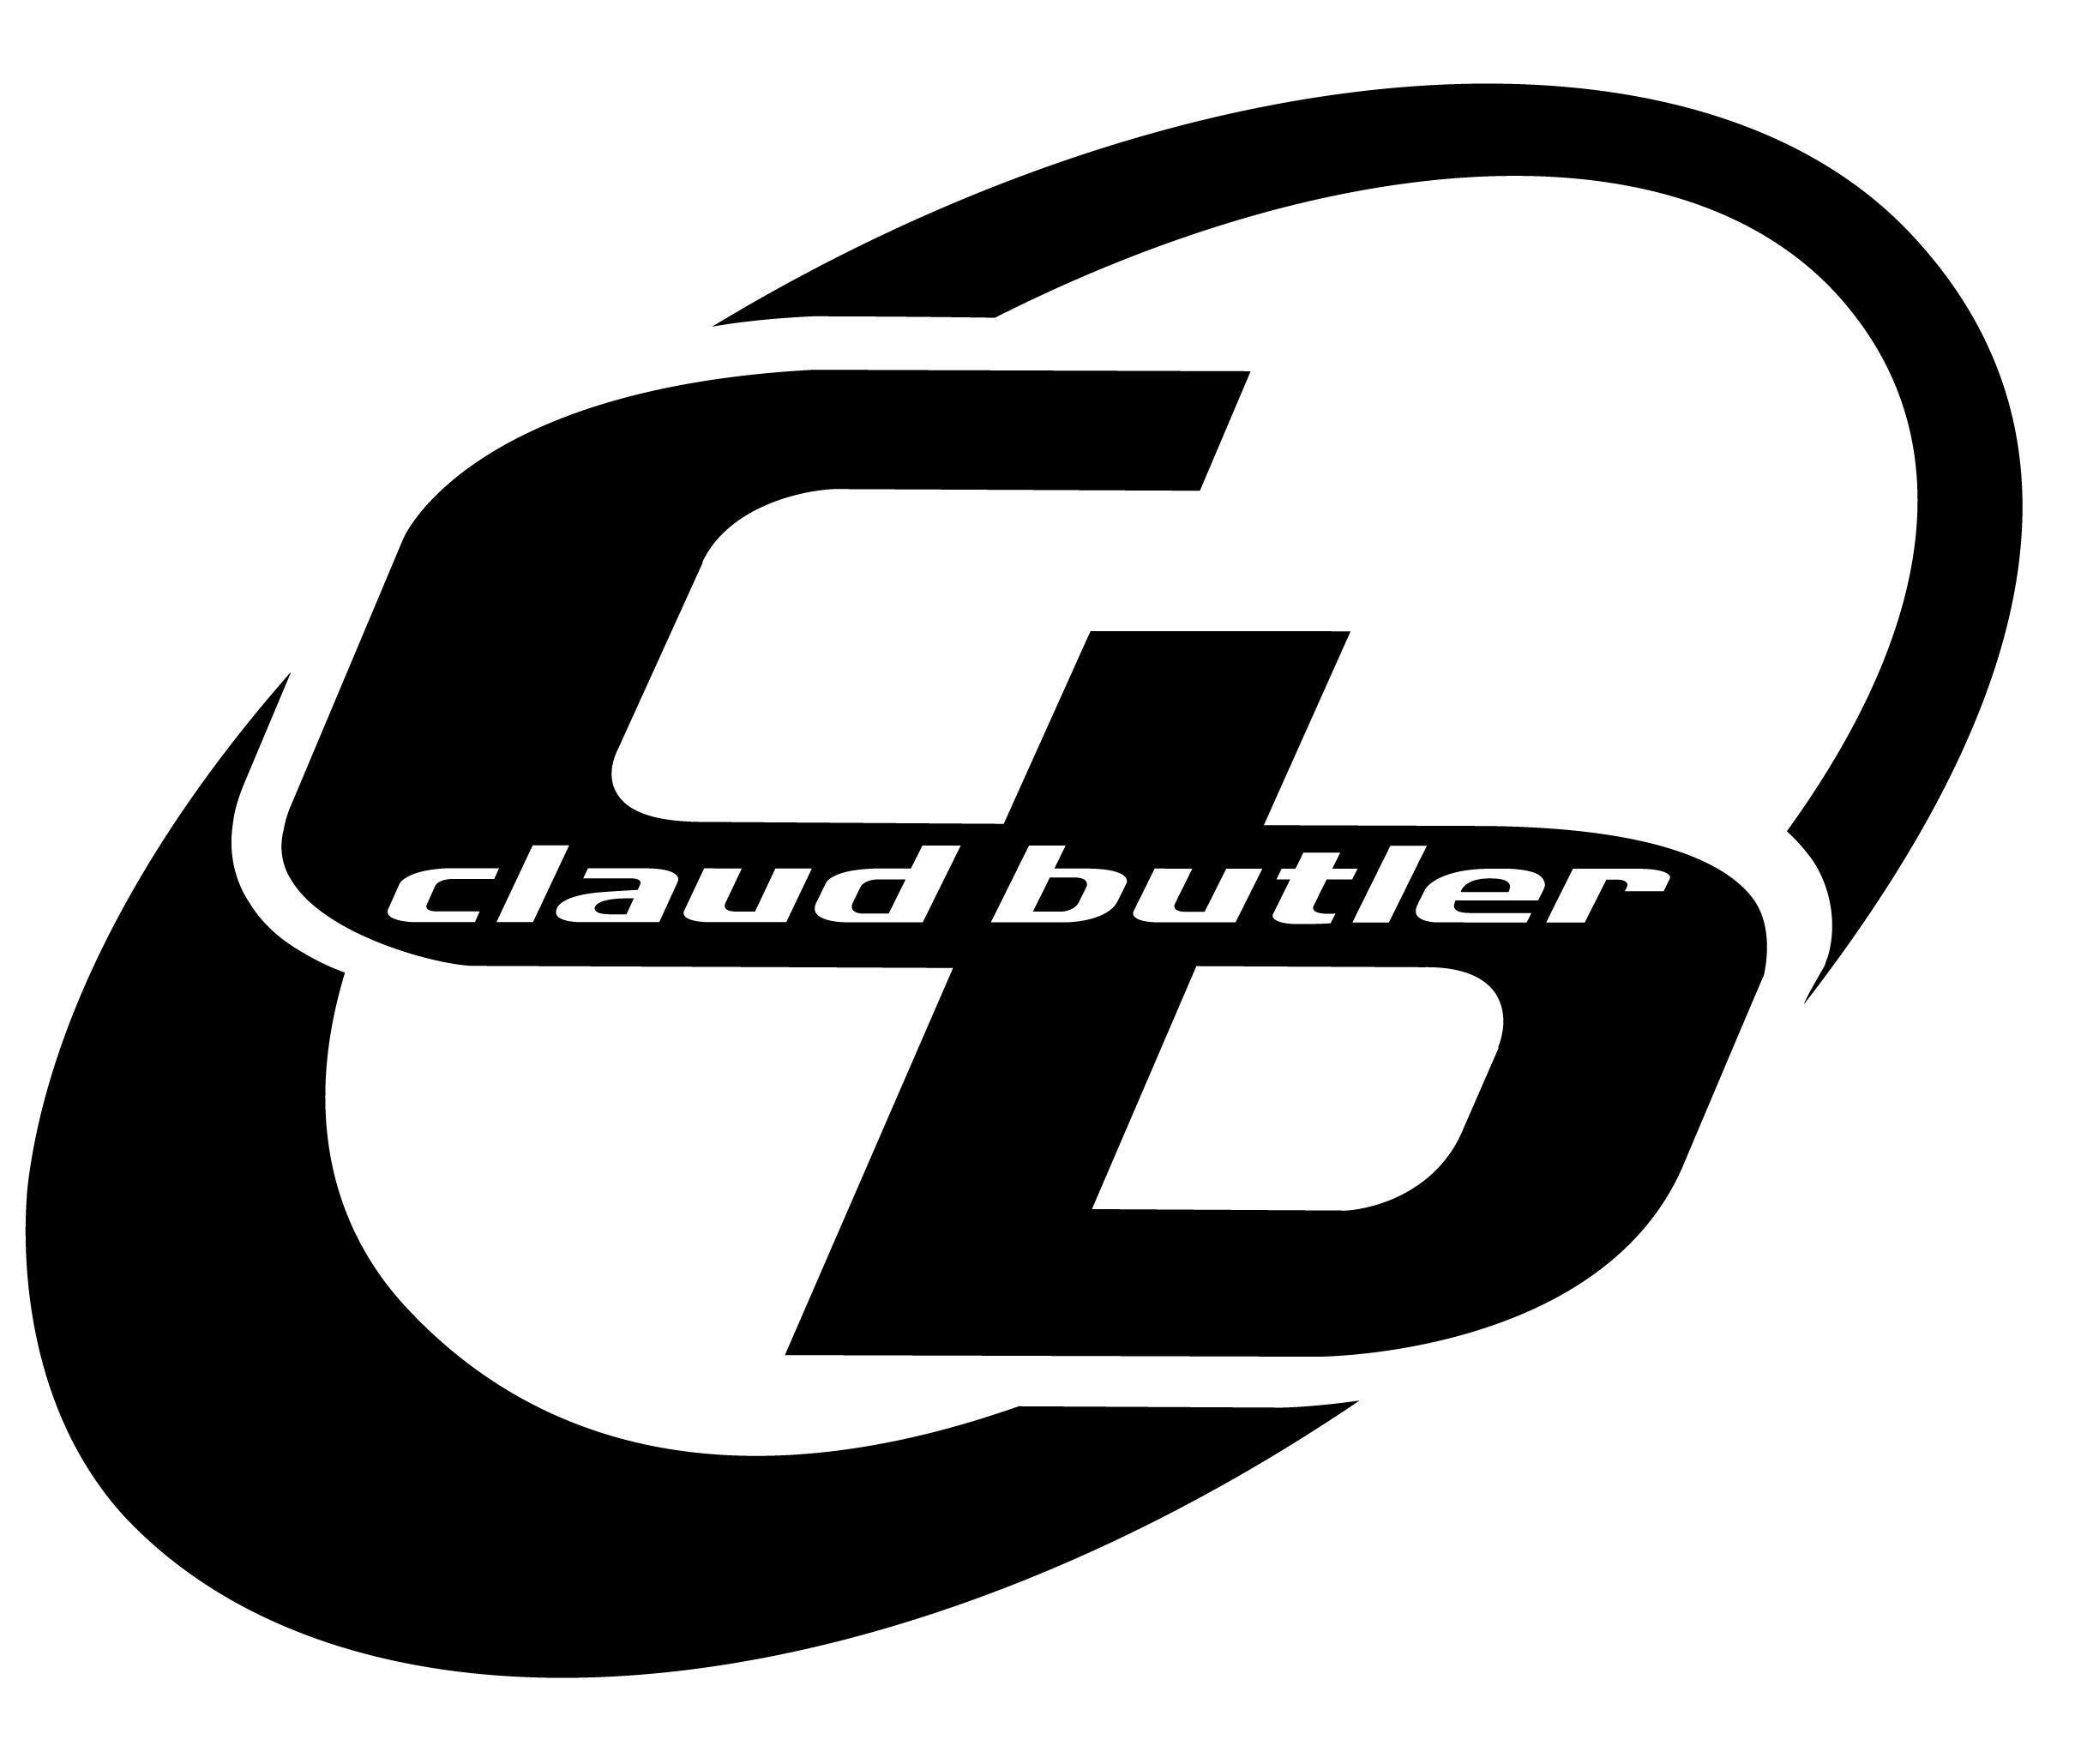 Claud Butler